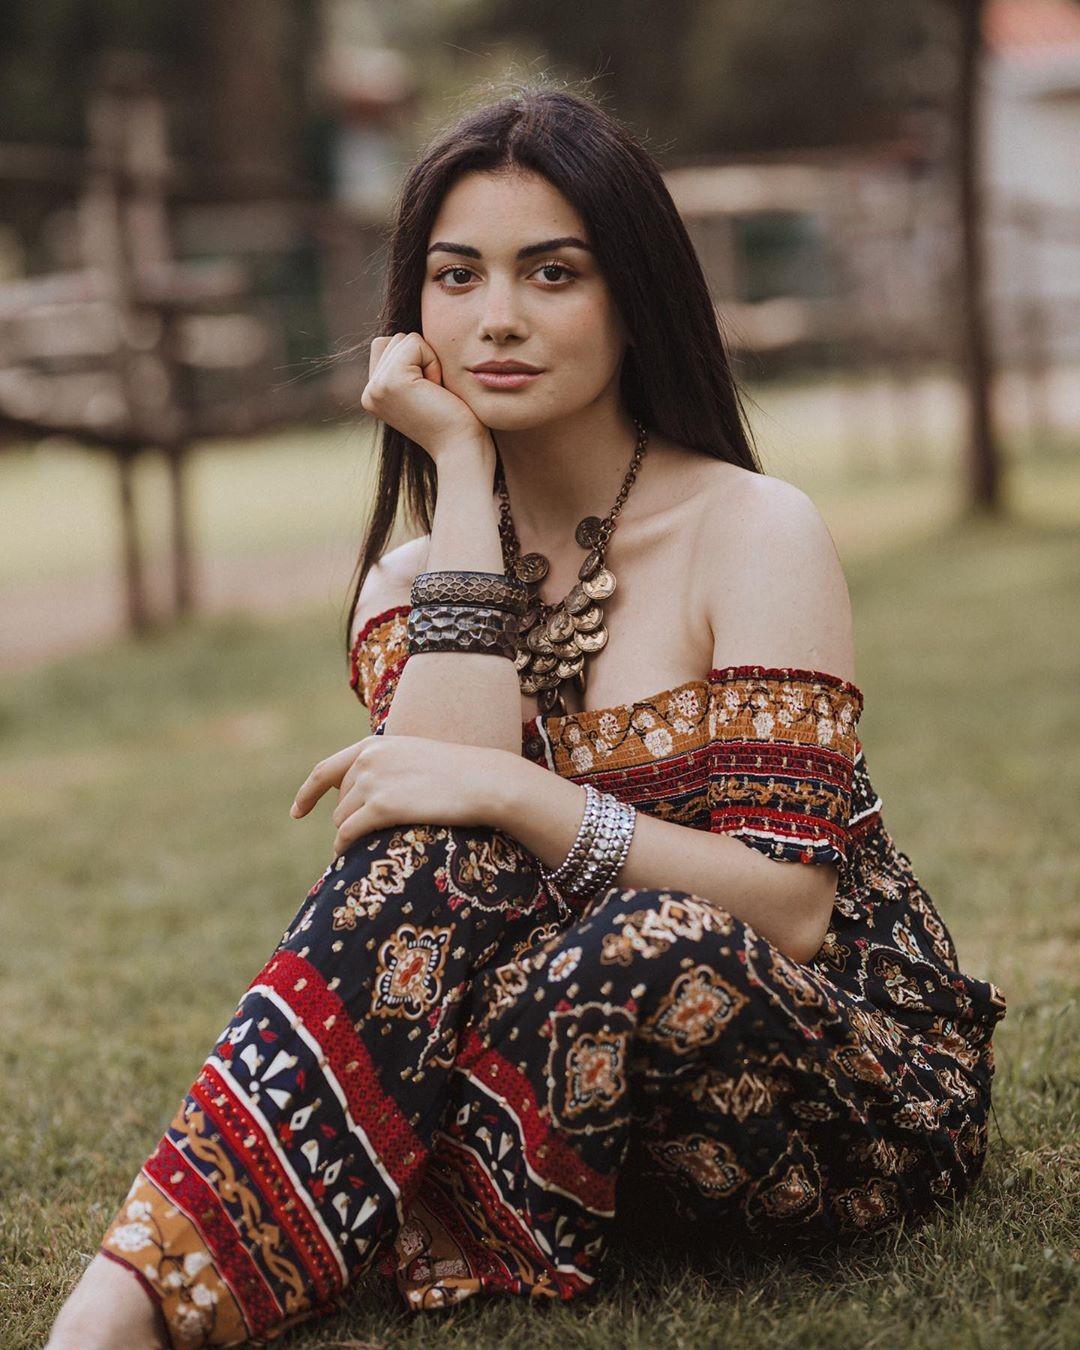 Озге Ягыз (турецкая актриса). Биография. ВК, фото, фильмография, и Гокберг Демирджи, отношения